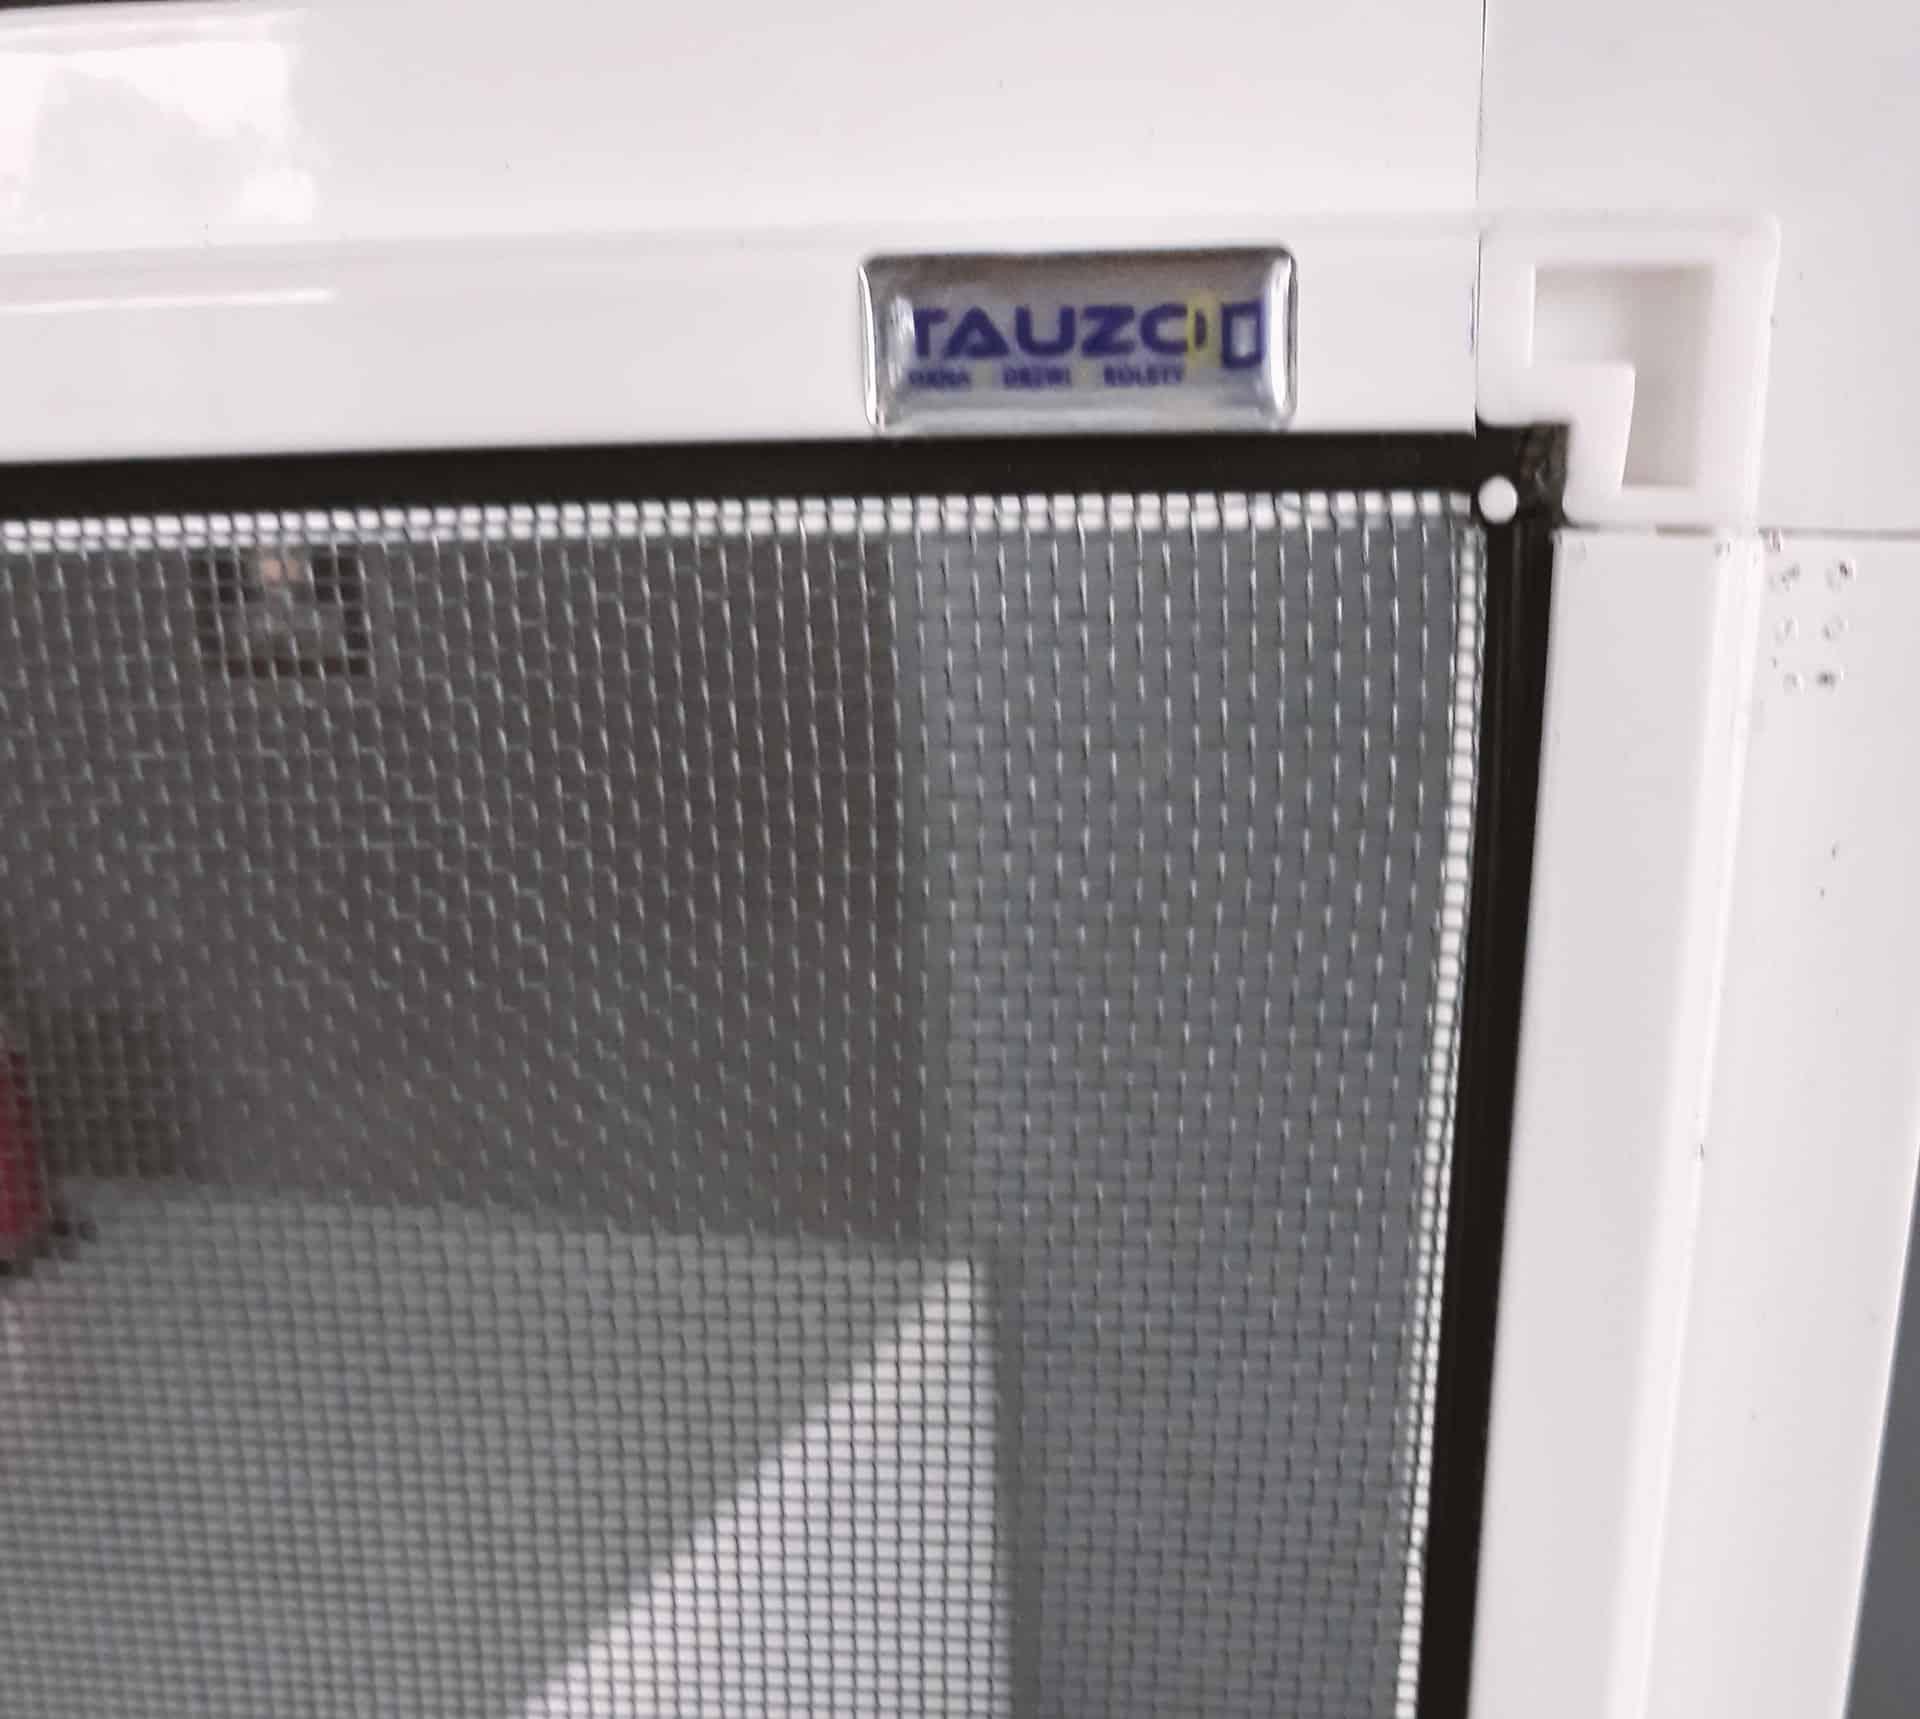 naklejka reklamowa z logo tauzod